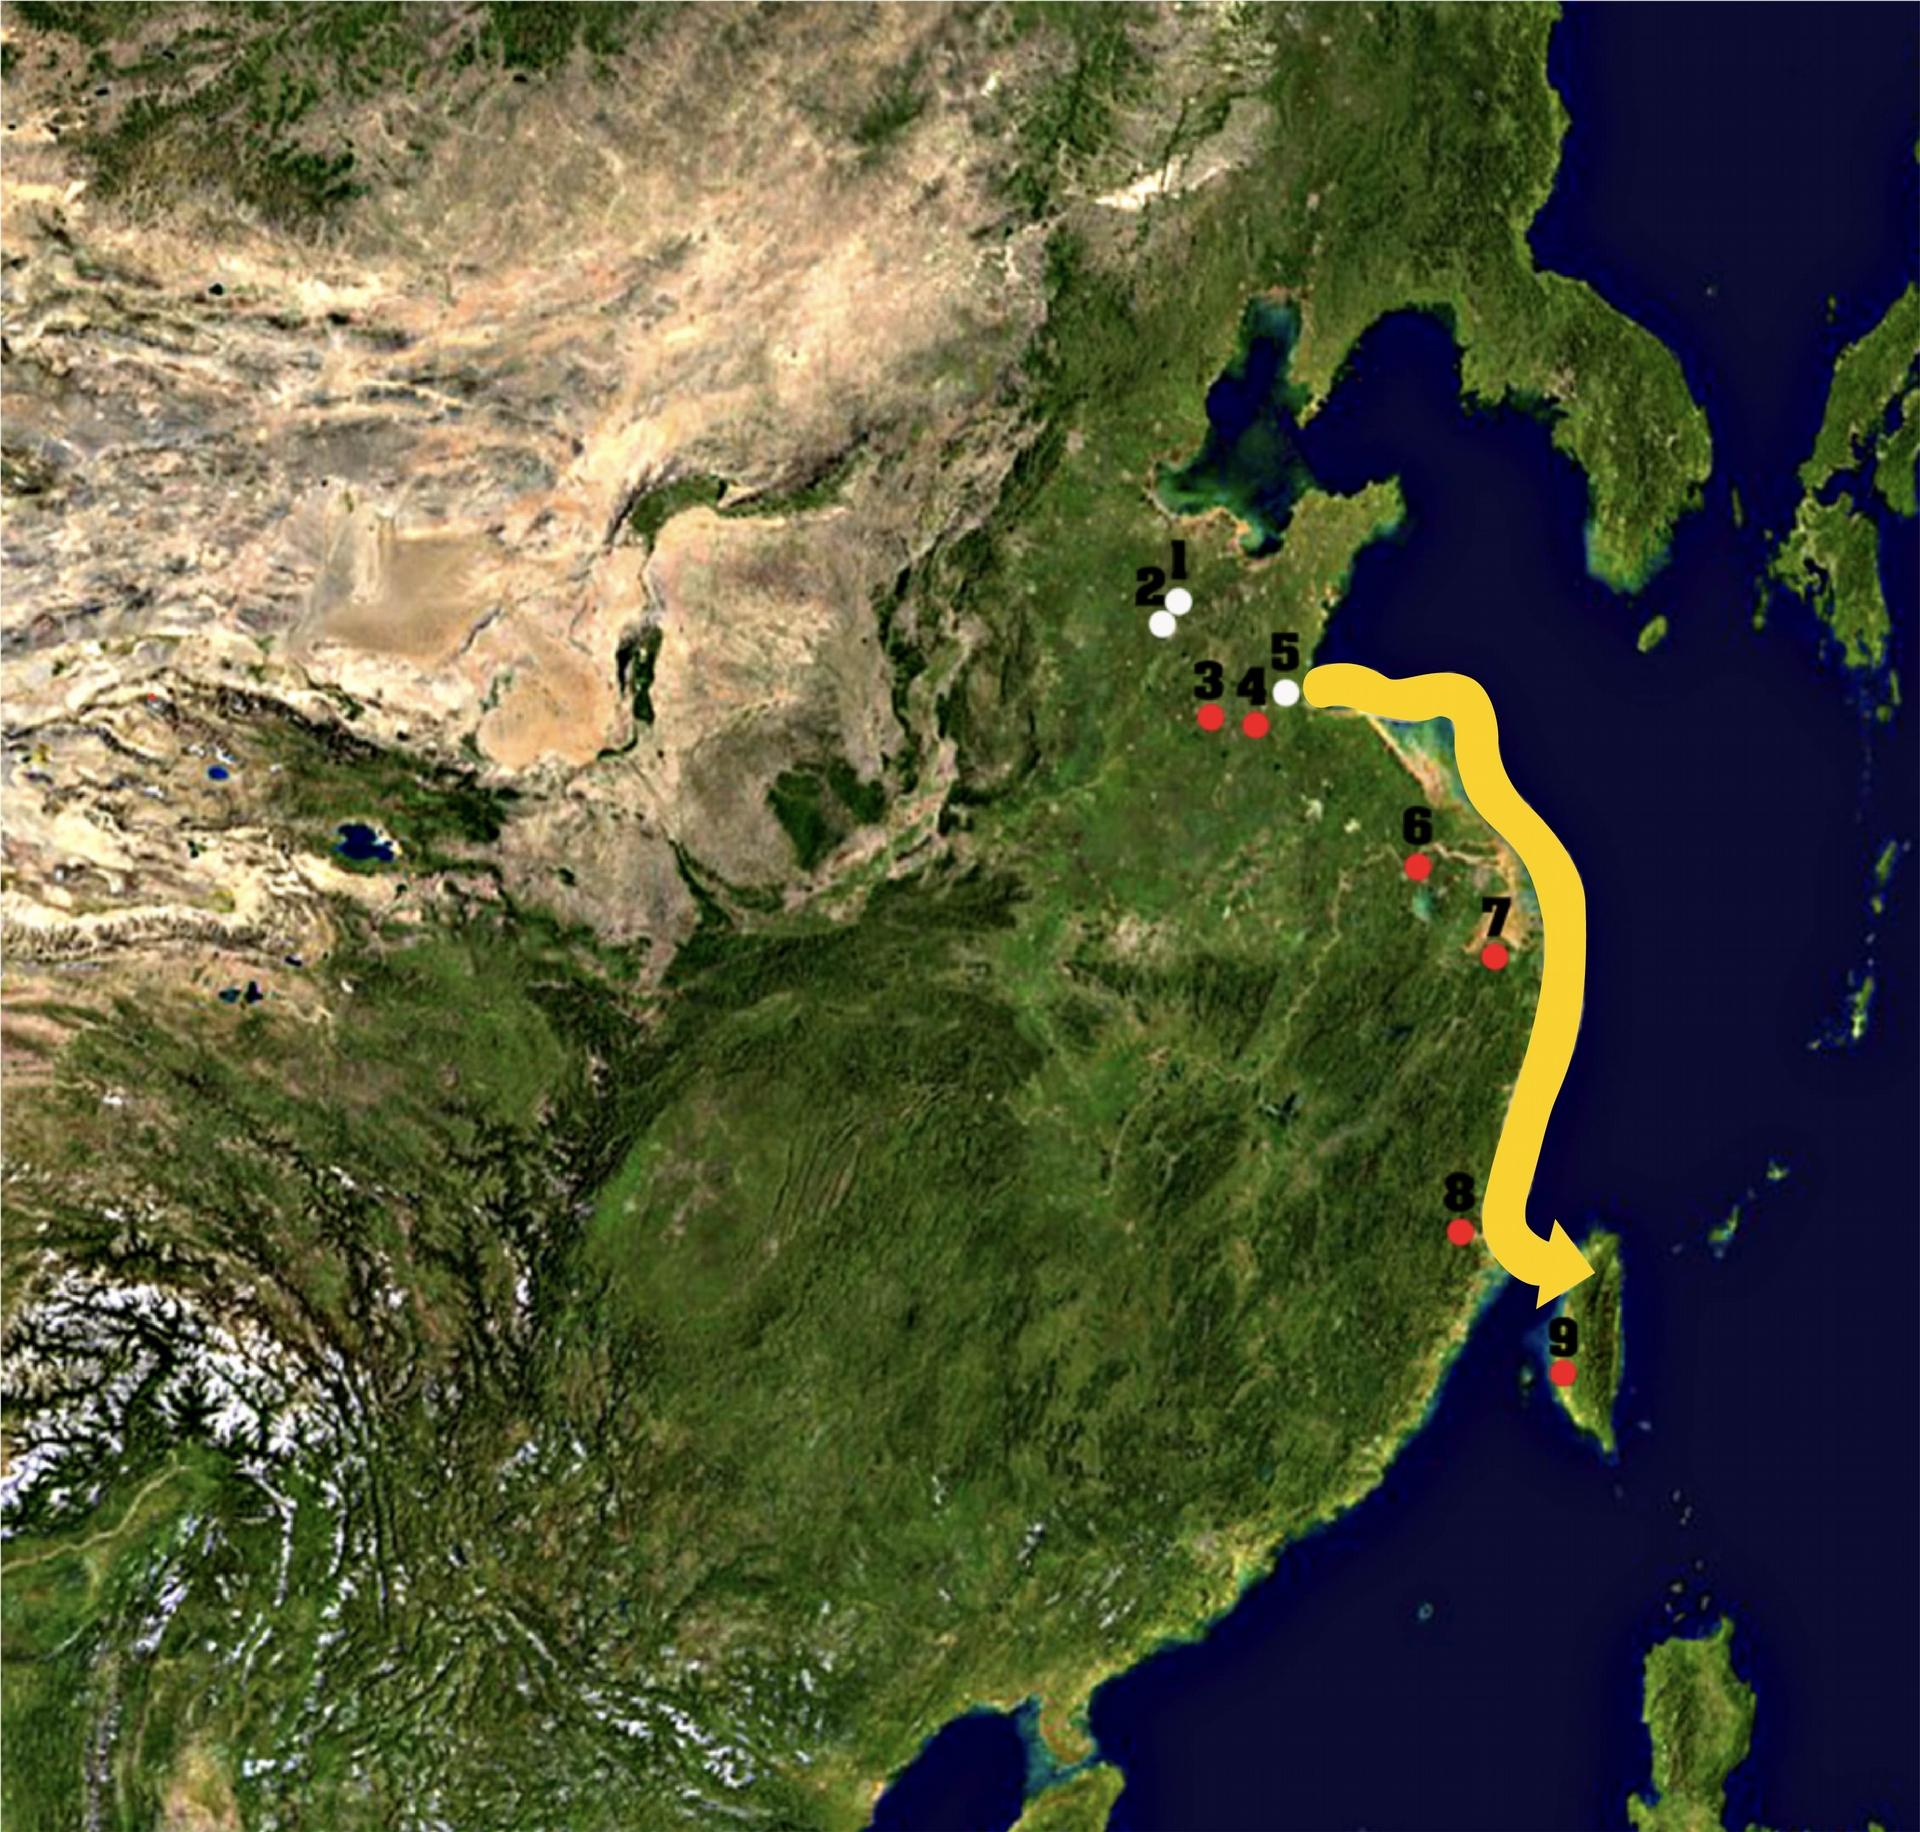 稻起源自長江流域,後來與山東起源的黍、稷一起往南方傳播,進入臺灣。黃色路徑顯示了從山東到臺灣的傳播路線,這個路線也許透漏南島語族遷徙的線索。 <br>圖片來源│邢禹依